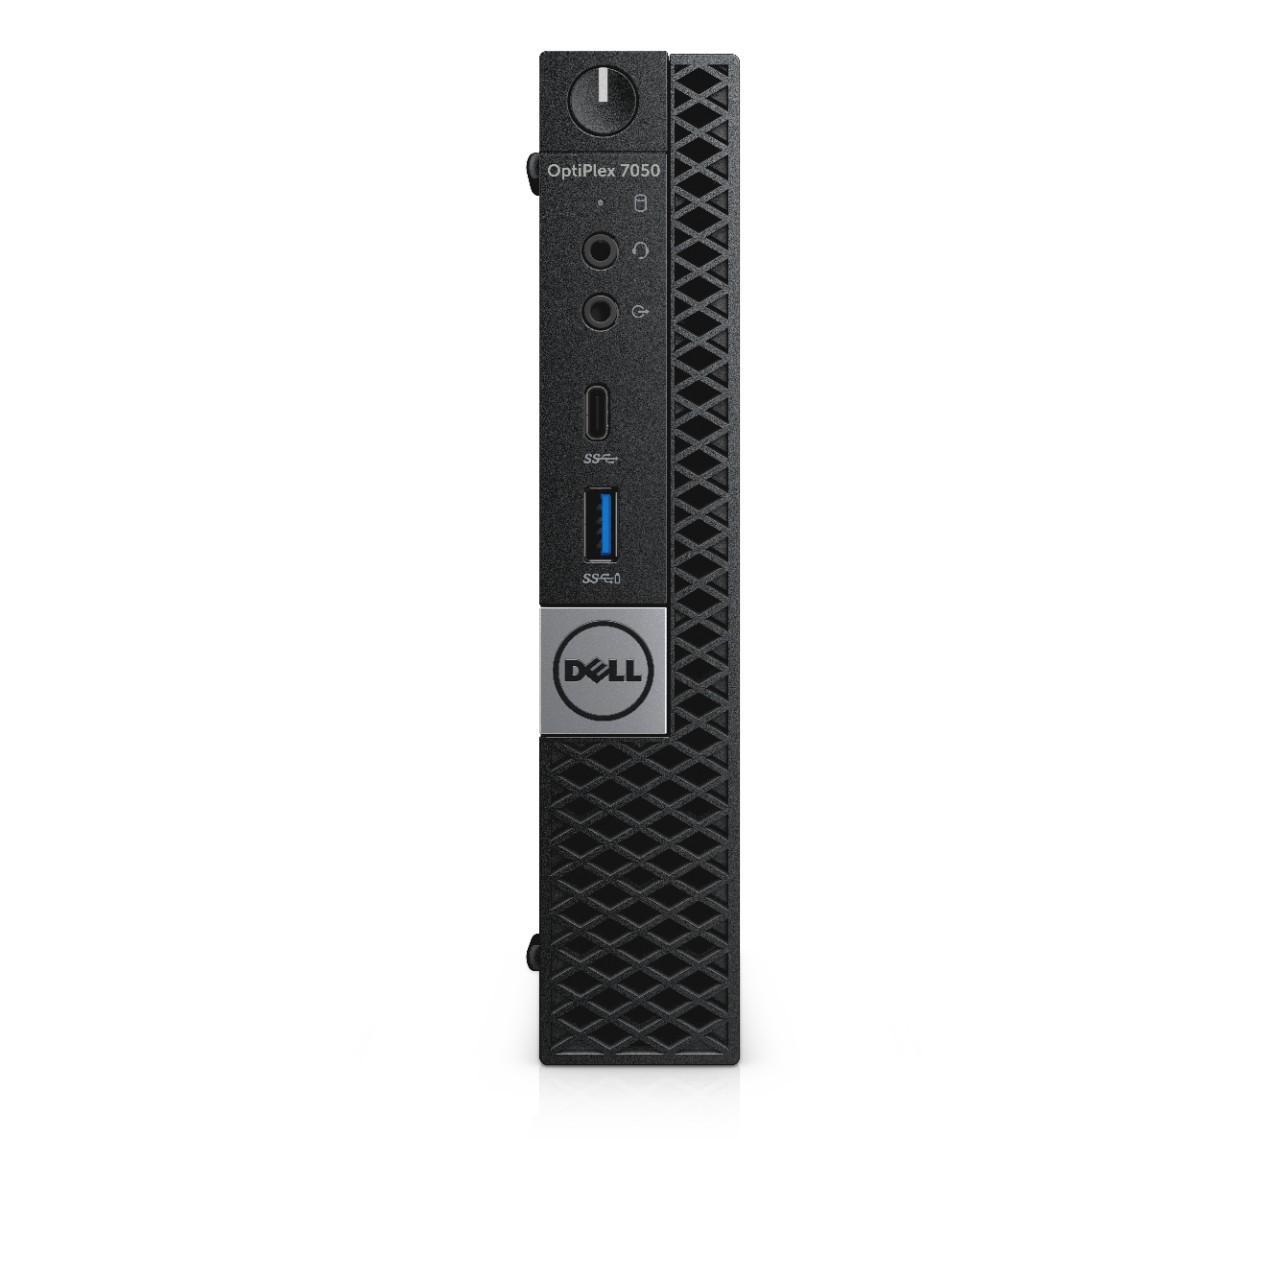 205ae62e8e0939 Amazon.com  Dell OptiPlex 7050 Micro Form Factor Desktop Computer ...